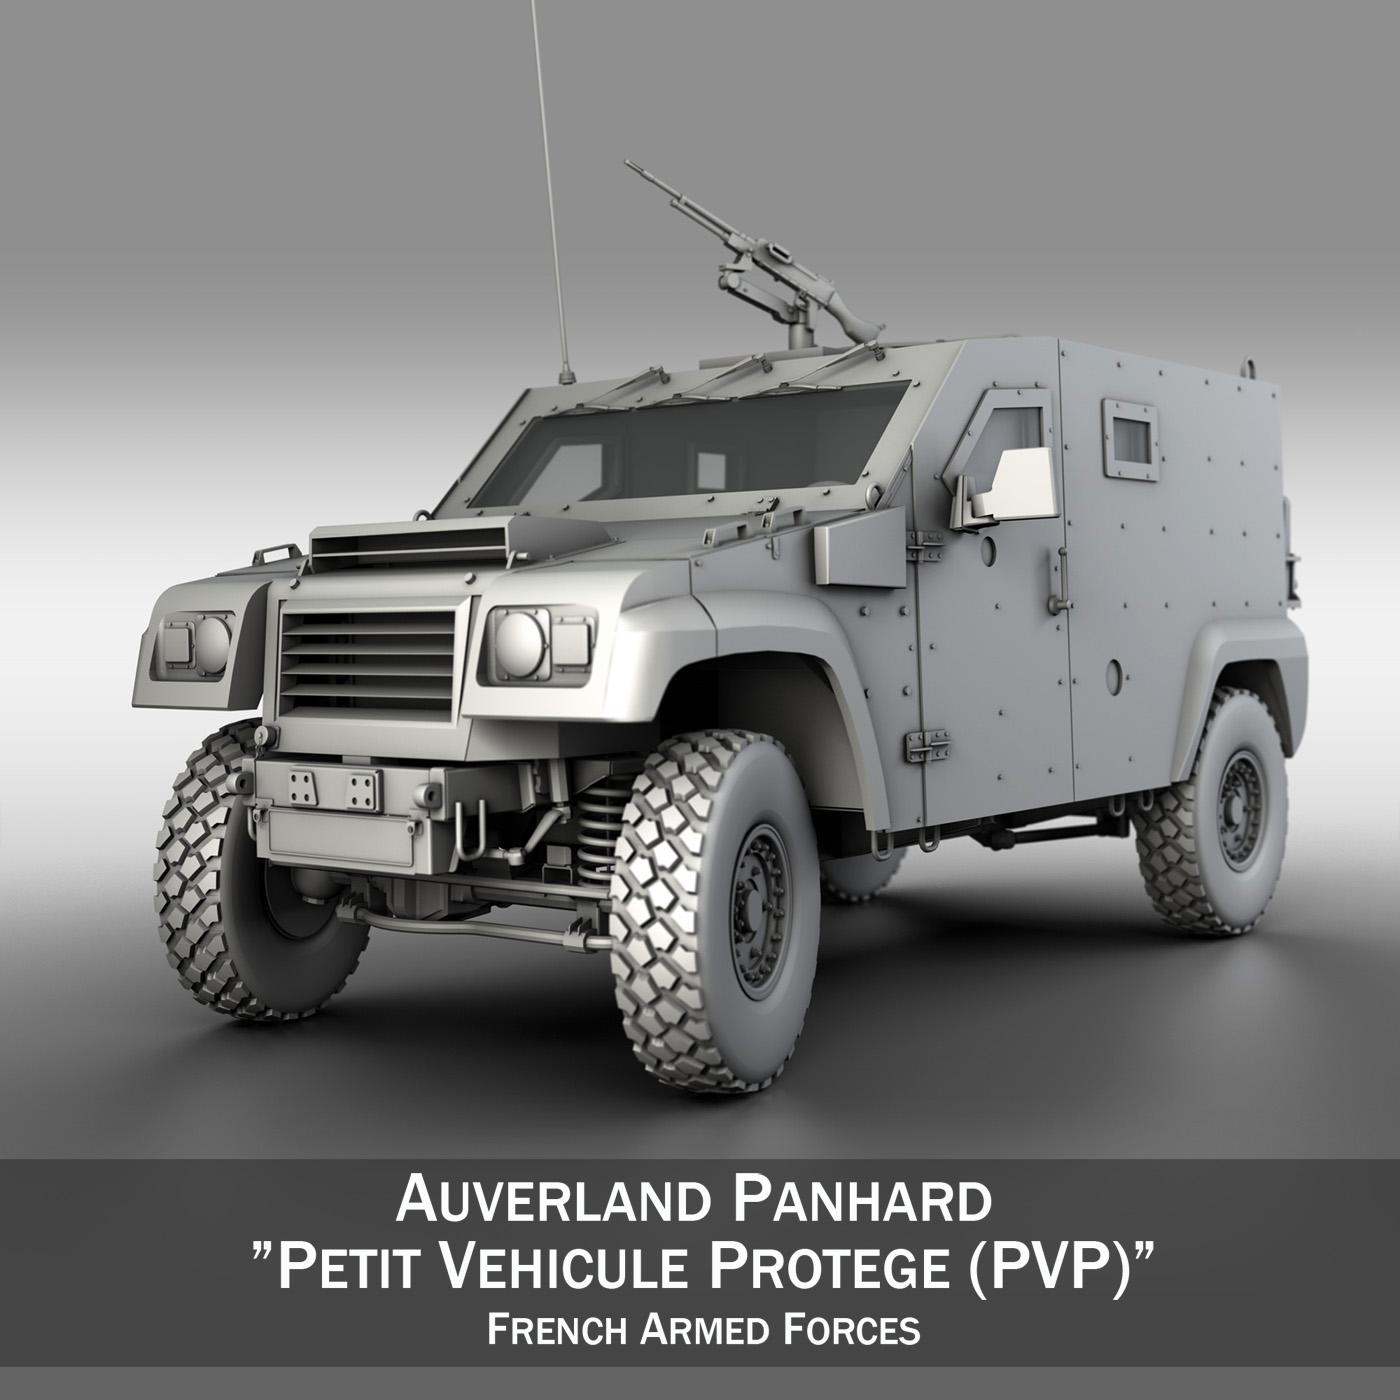 auverland panhard pvp - petit vehicule protege 3d загвар 3ds fbx c4d lwo obj 190124